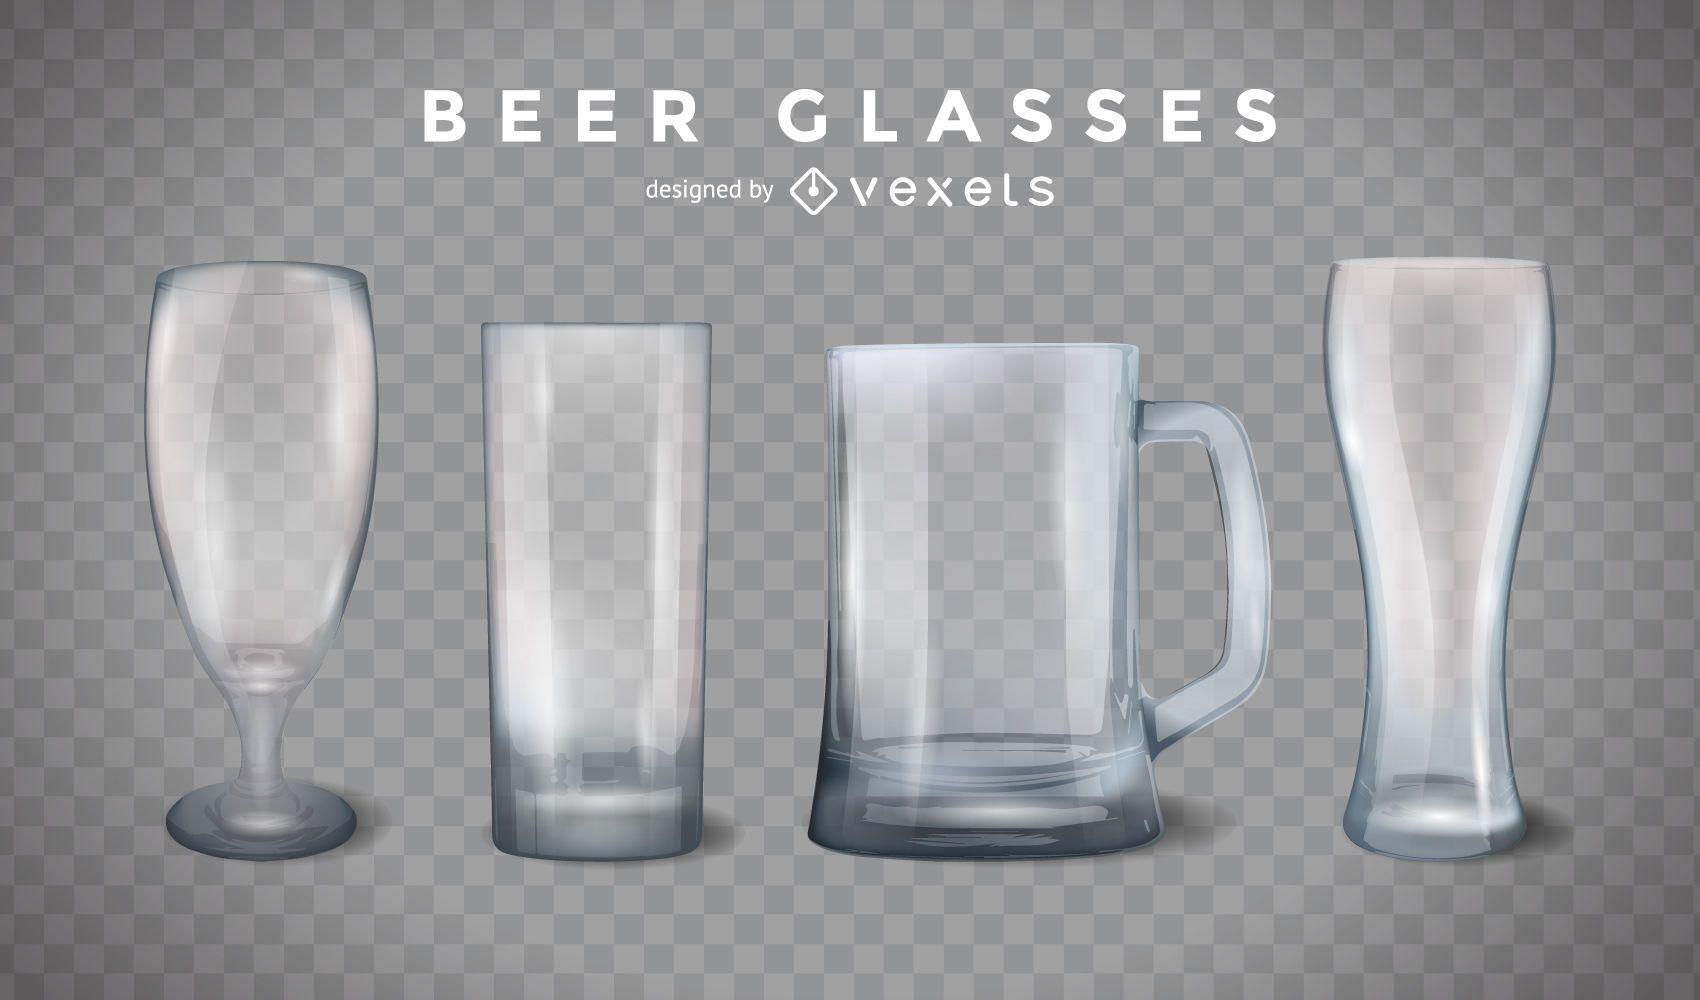 Biergläser und Becher gesetzt